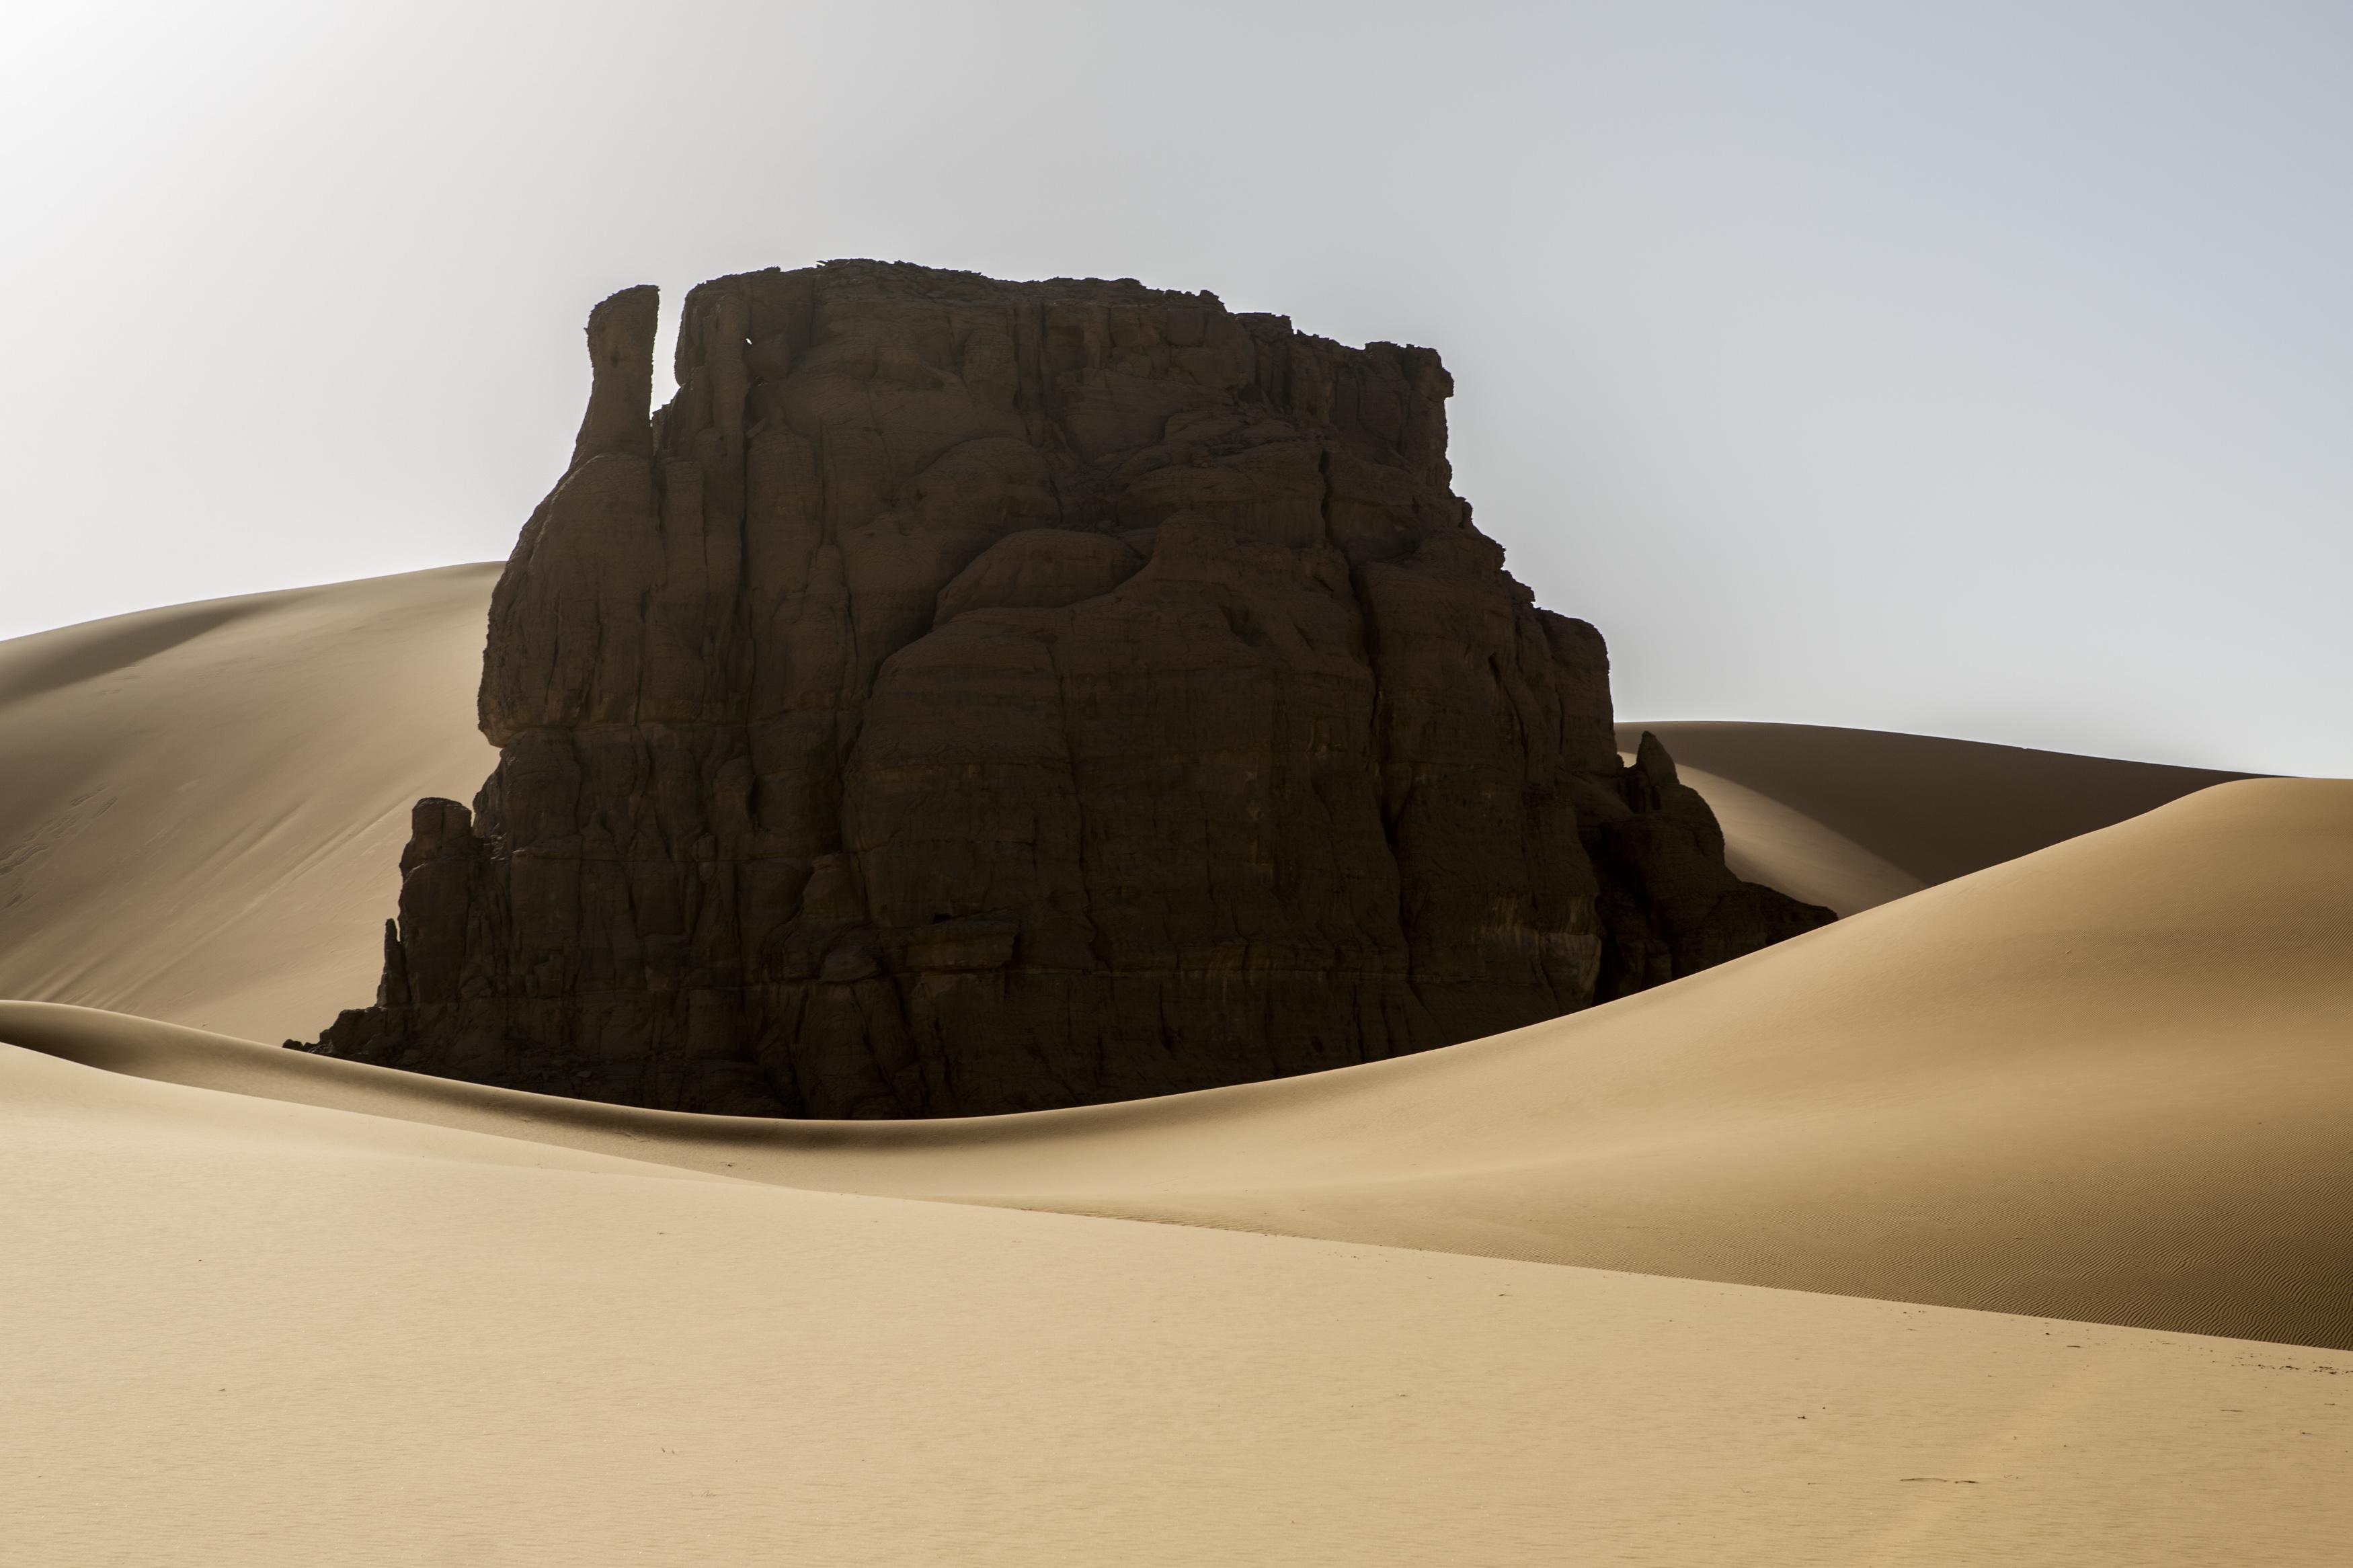 Landscape of the Tadrart.The Tadrart (200 km southeast of Djanet) is located in the south of the Tassili N'Ajjer National Park and is part of one of the most beautiful desert in the world but above all the central Sahara.From huge canyons to cliffs carved with rocky peaks of various shapes mix with dunes of colored sand with yellow and red reflections. The Tadrart, Algeria-February 8, 2017. Paysage de la Tadrart. La Tadrart (200 km au sud-est de Djanet) se situe dans le sud du Parc National du Tassili N'Ajjer et il fait partie d'un des plus beau désert au monde mais avant tout du Sahara central. D'immenses canyons aux falaises sculptées avec de pitons rocheux aux formes les plus diverses  se mélangent avec des dunes de sable coloré aux reflets jaune et rouge. La Tadrart, Algérie-8 février 2017.